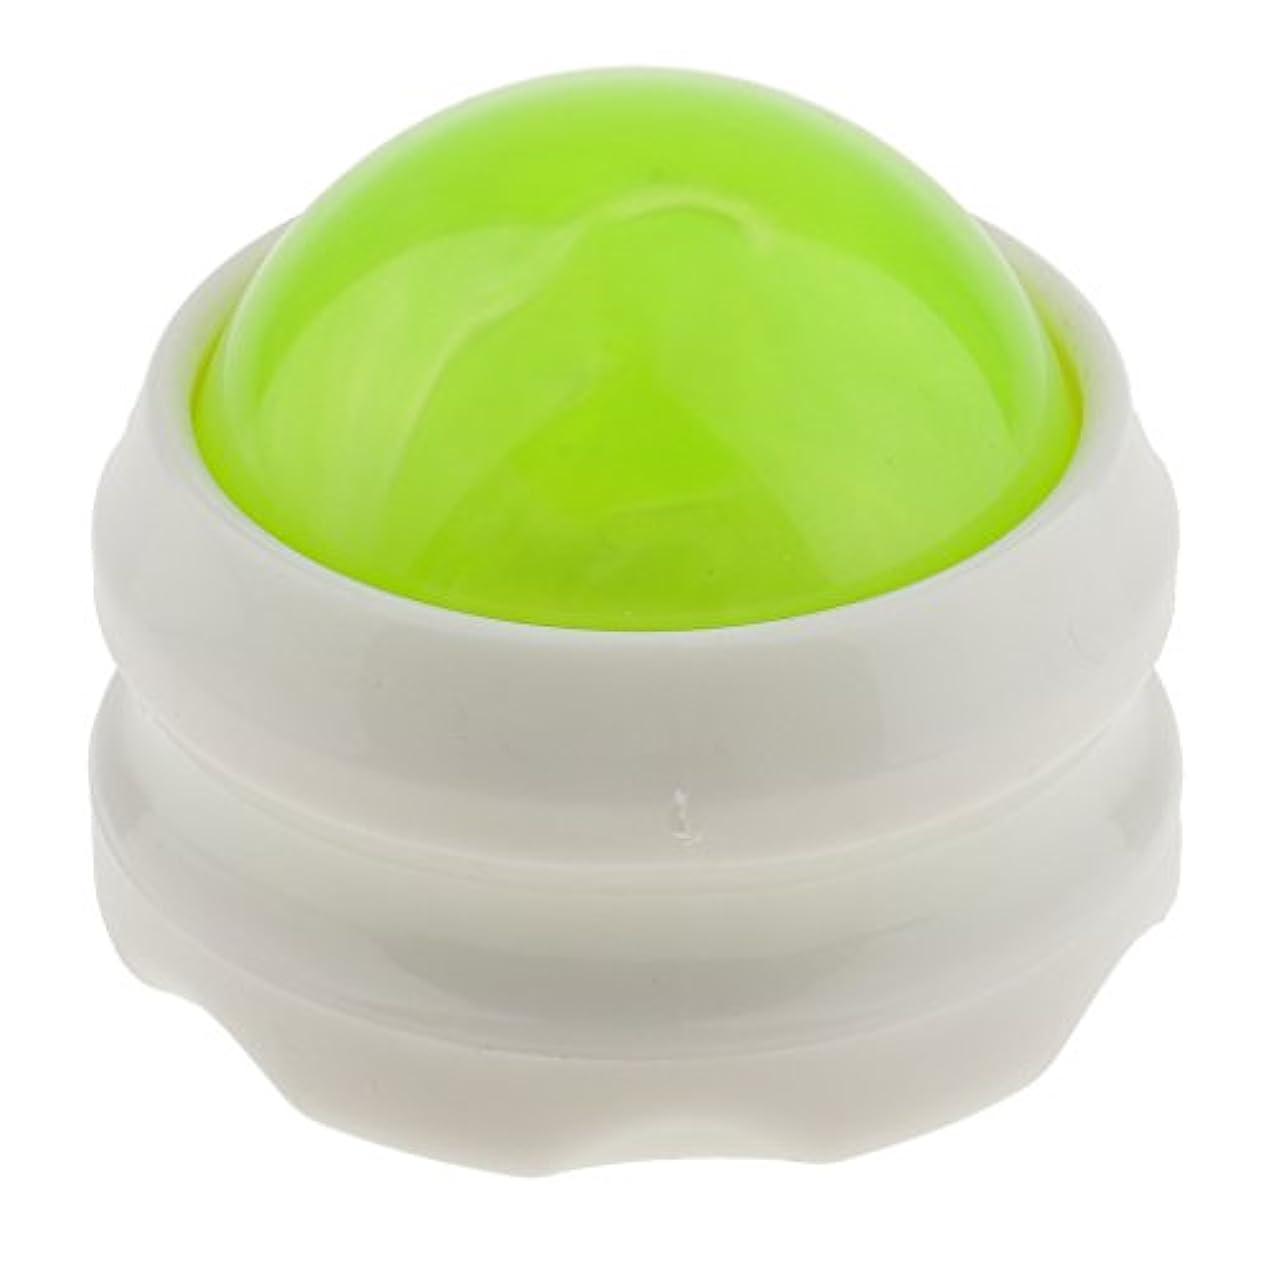 実現可能株式会社管理マッサージ ローラー ボディ ローラーボール 体 足 背中 首 ヒップ セルフマッサージ 全4色 - グリーンホワイト